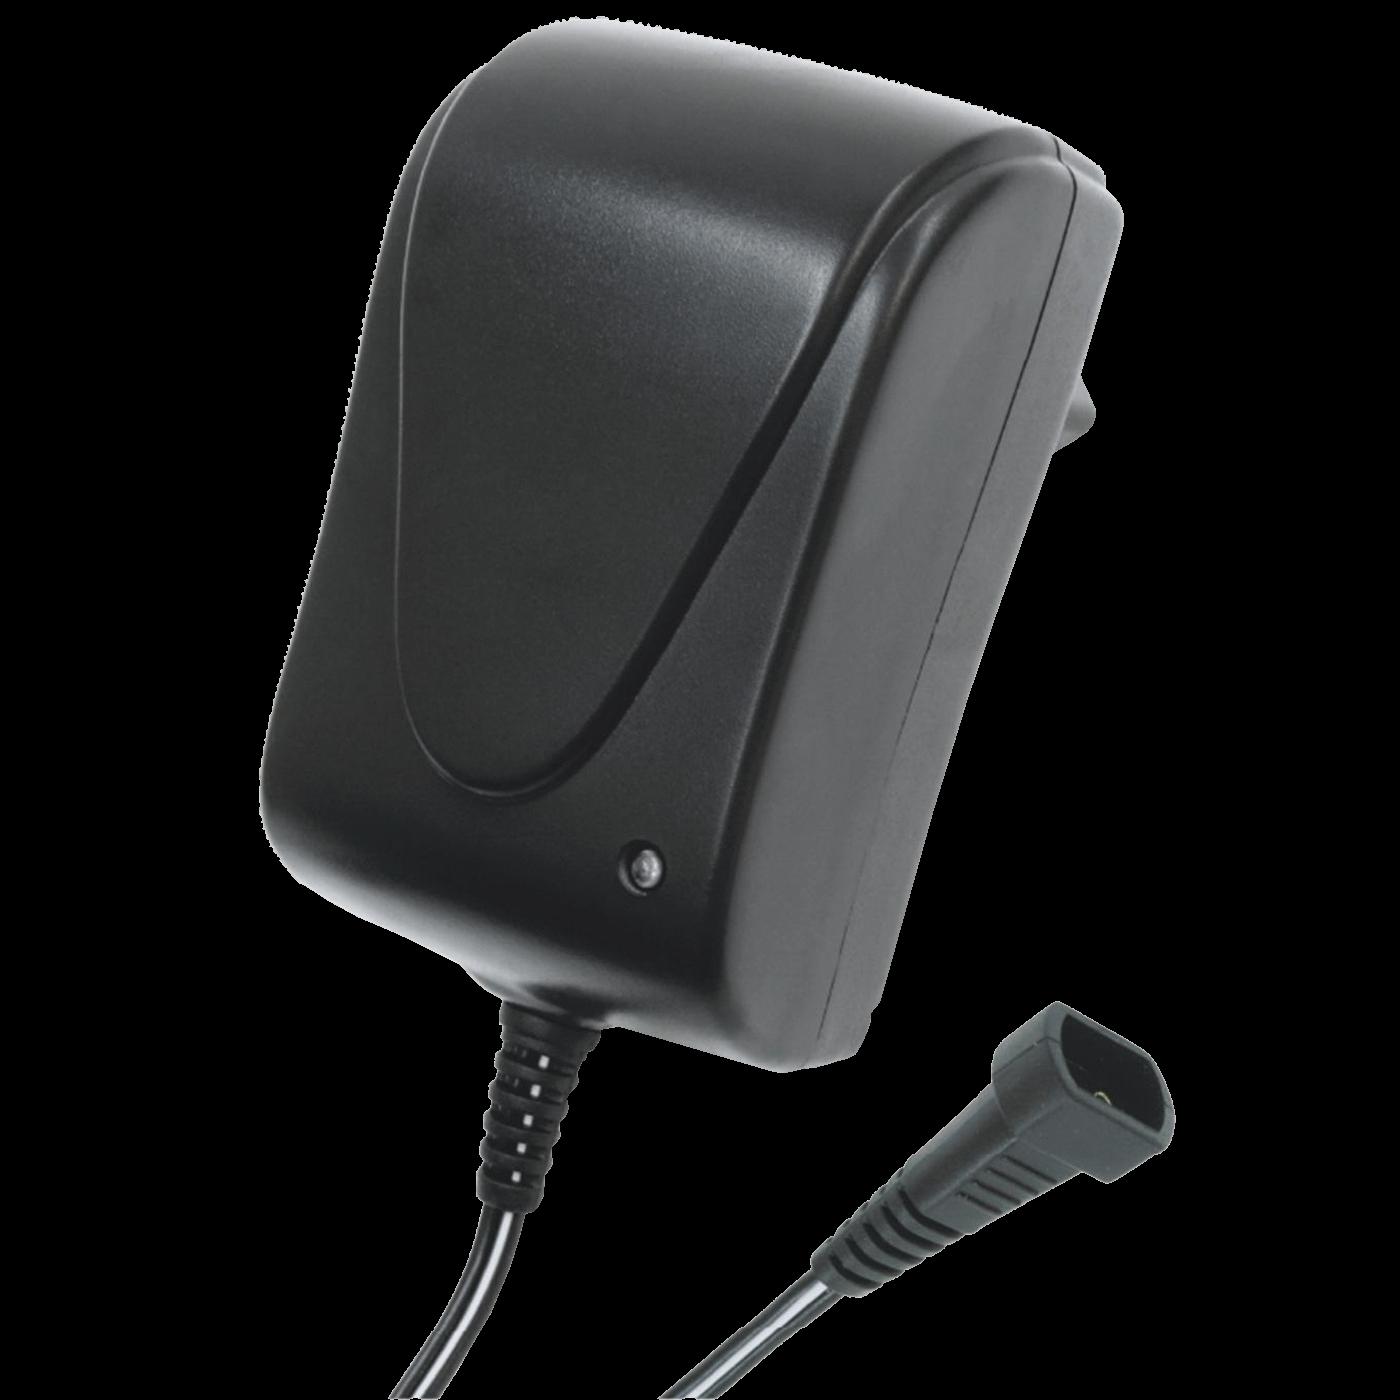 Adapter 1500 mA, 3-12 V, sa više priključaka